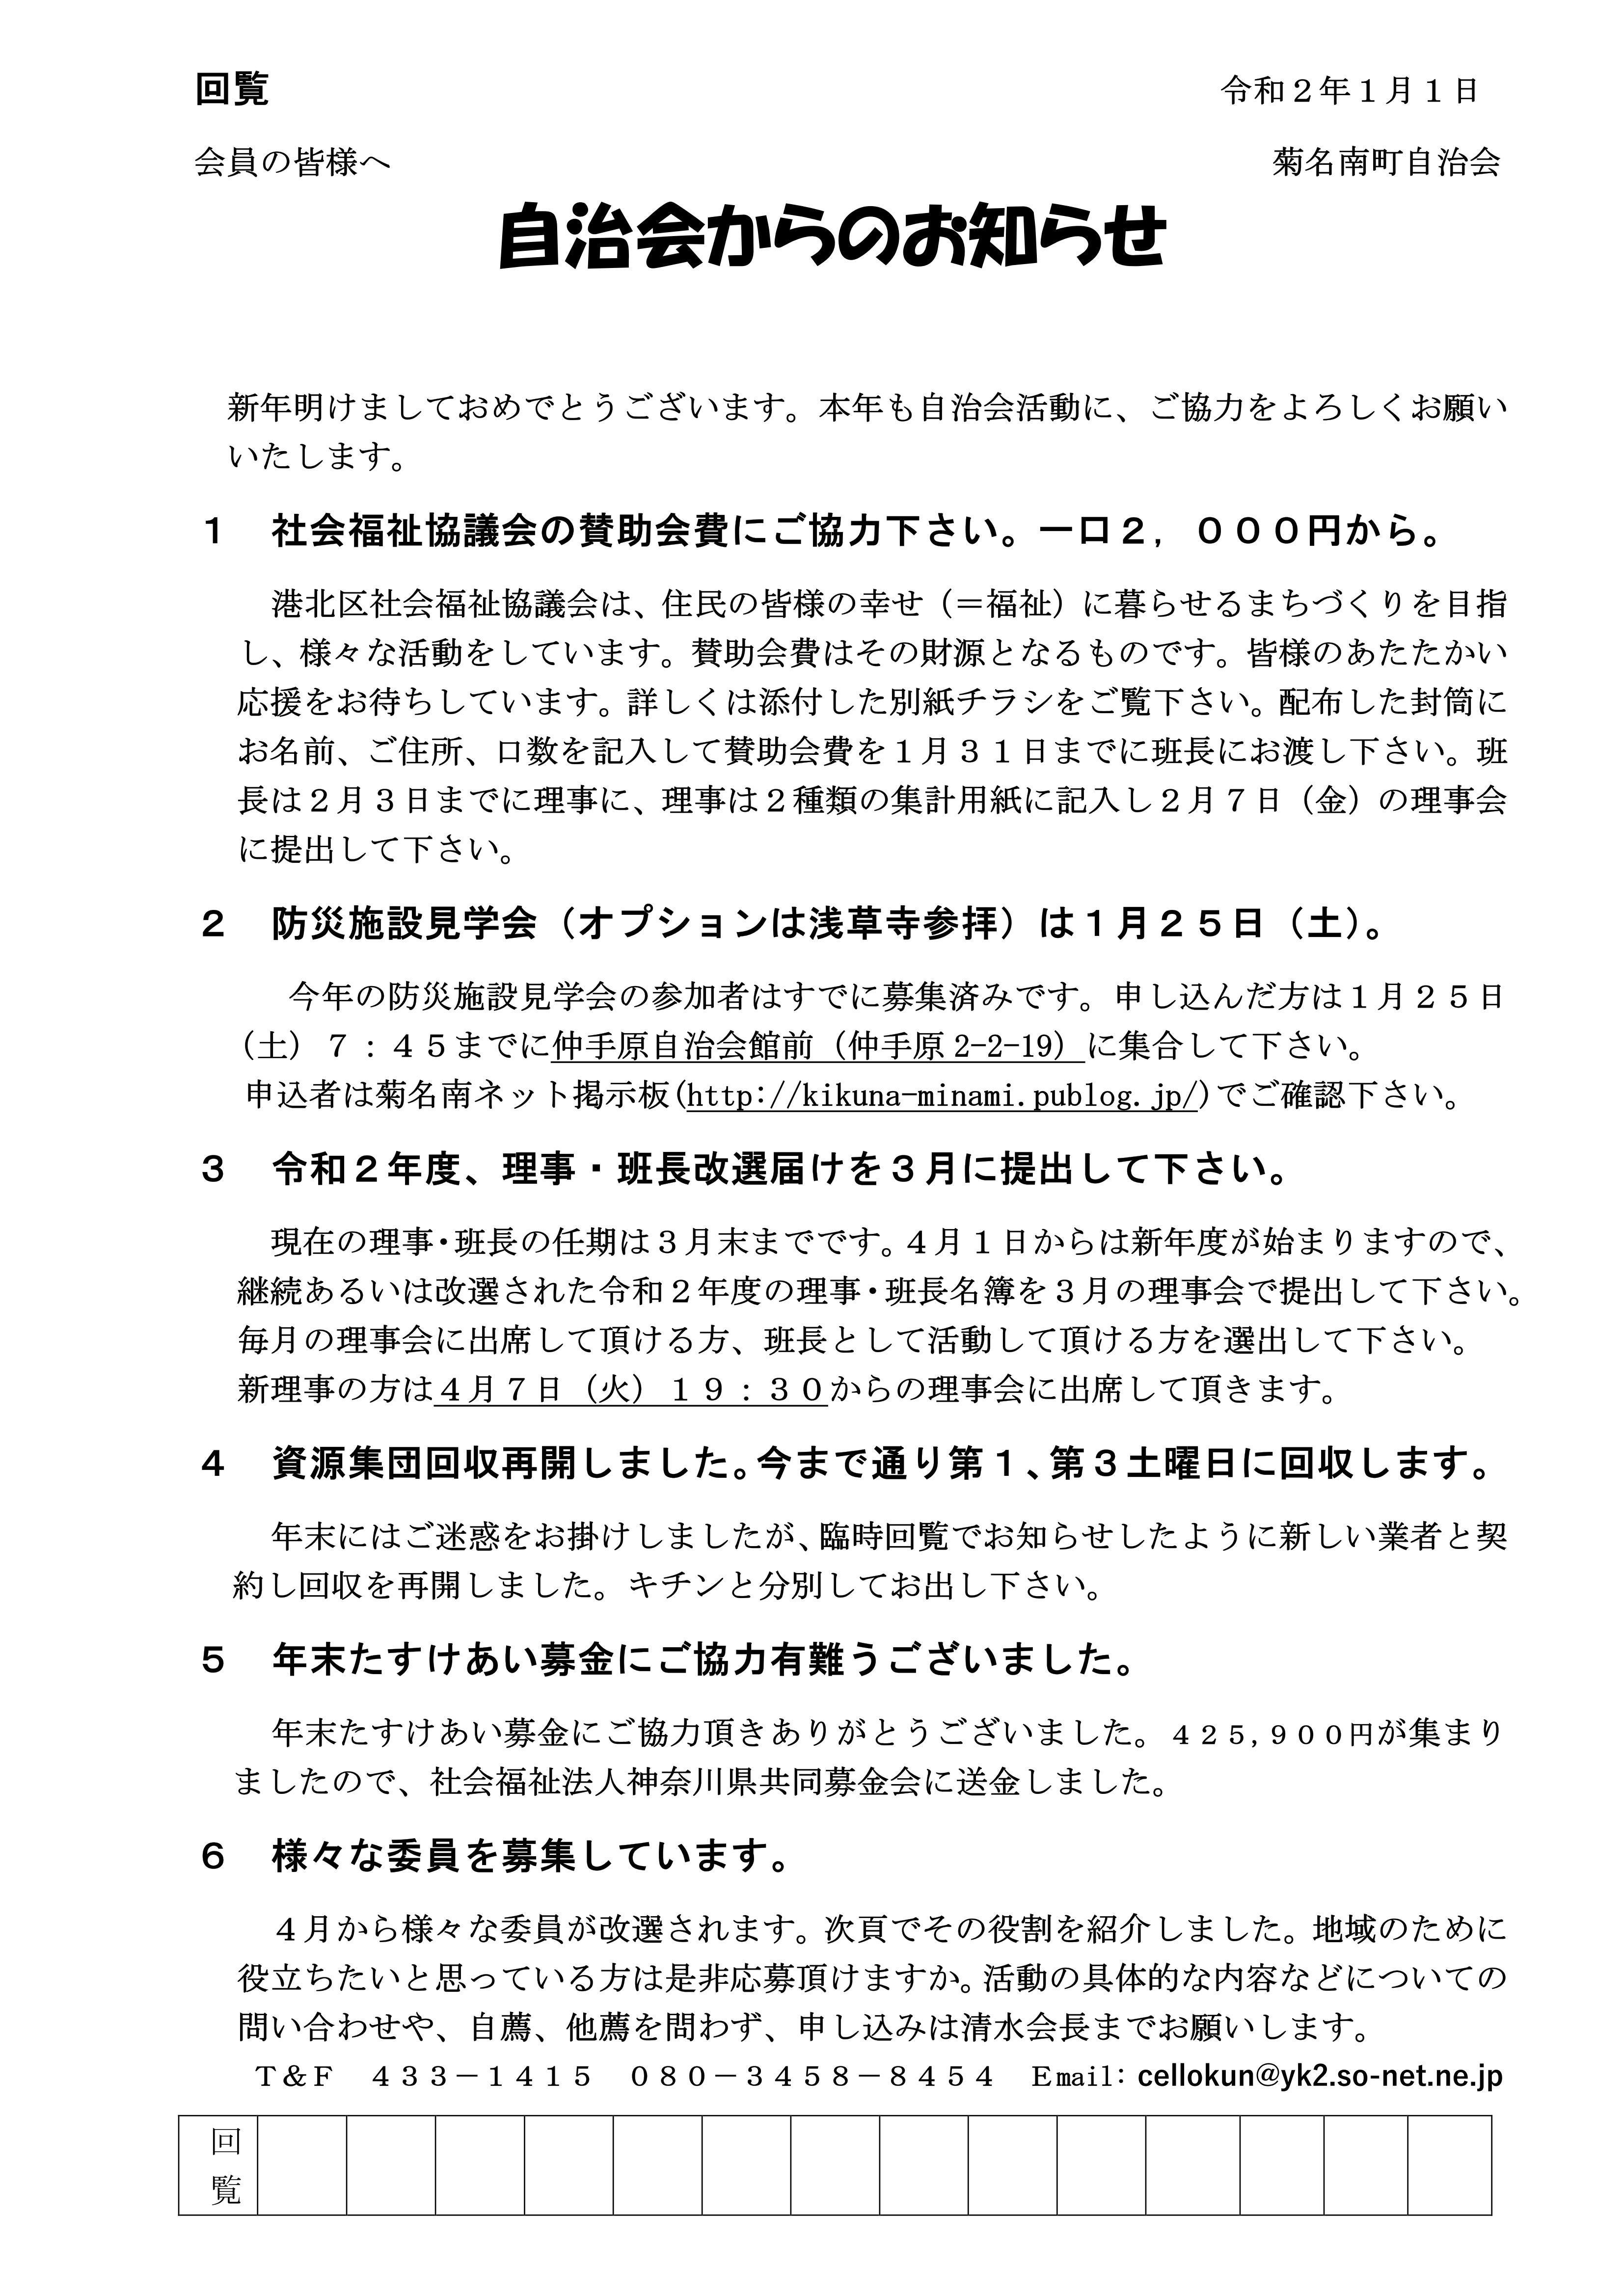 自治会からのお知らせ2020年1月回覧_01